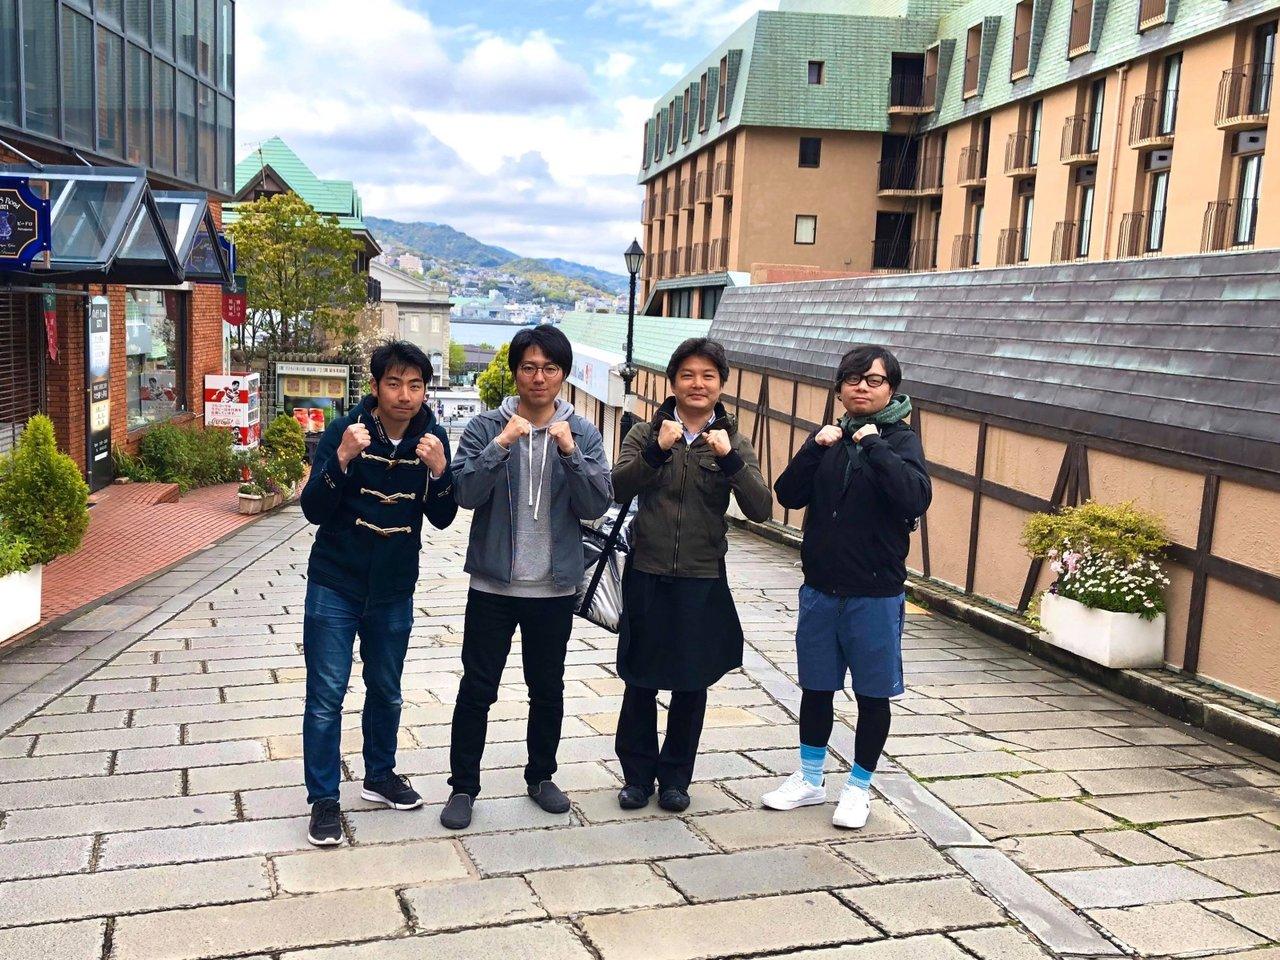 顔の見える関係性がセーフティネットに。「長崎山手応援隊」と、住民が地域の飲食店を応援する仕組み